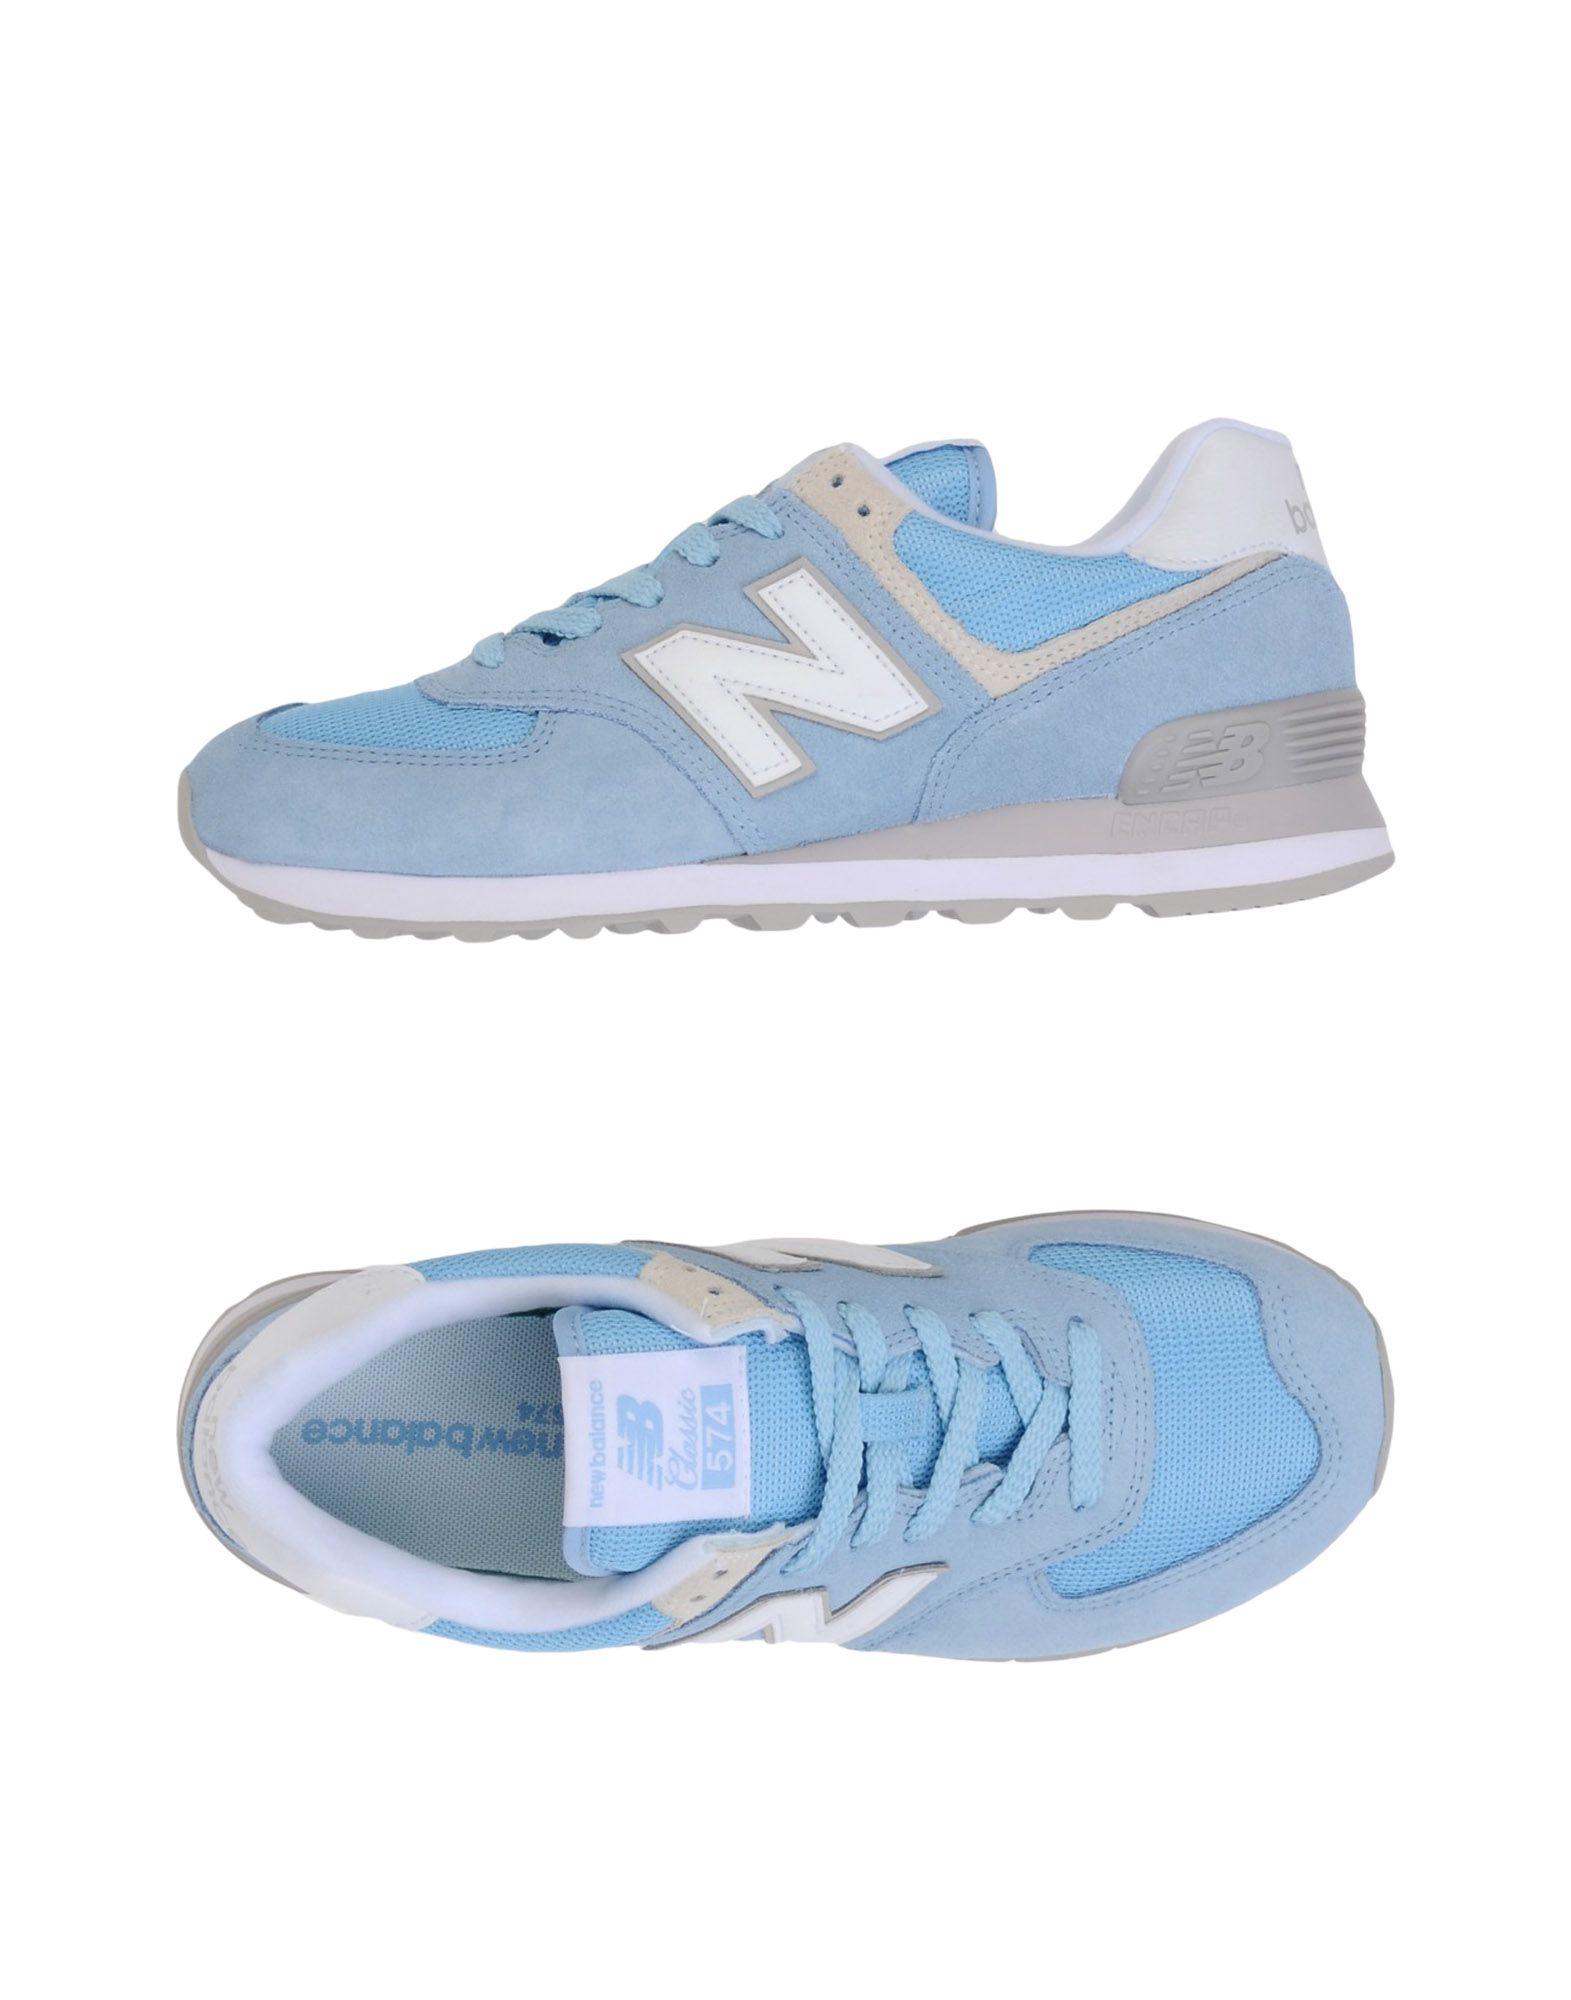 New Balance 574 Seasonal Essentials  11466899FR Gute Qualität beliebte Schuhe